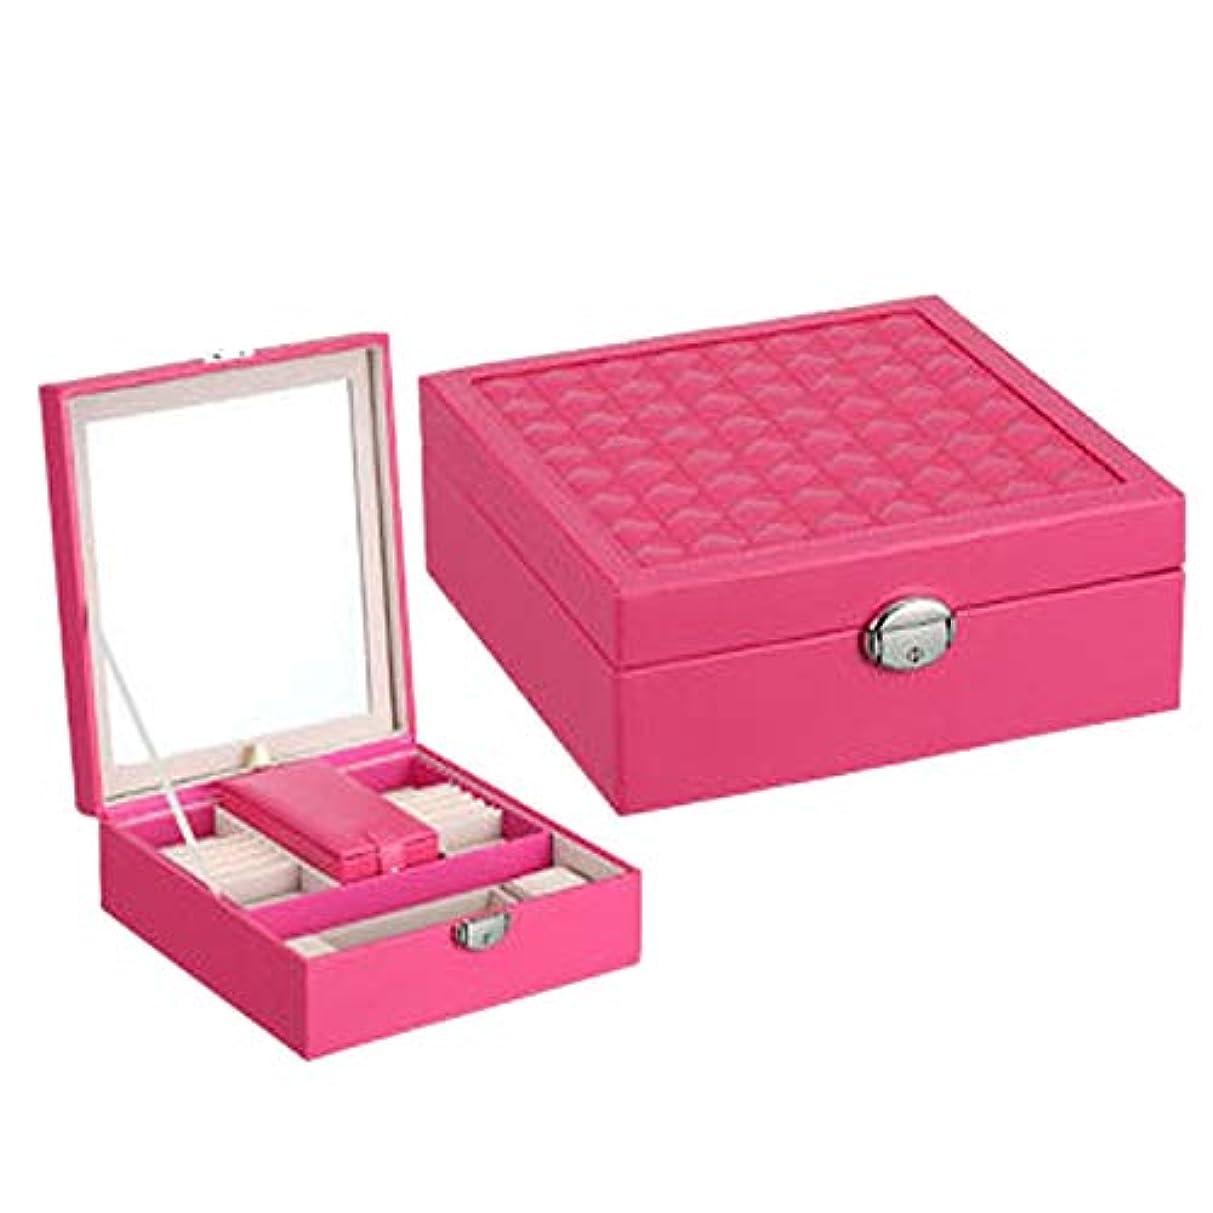 後退する是正虚偽化粧オーガナイザーバッグ 小さなアイテムのストレージのための丈夫な女性のジュエリーの収納ボックス 化粧品ケース (色 : ローズレッド)